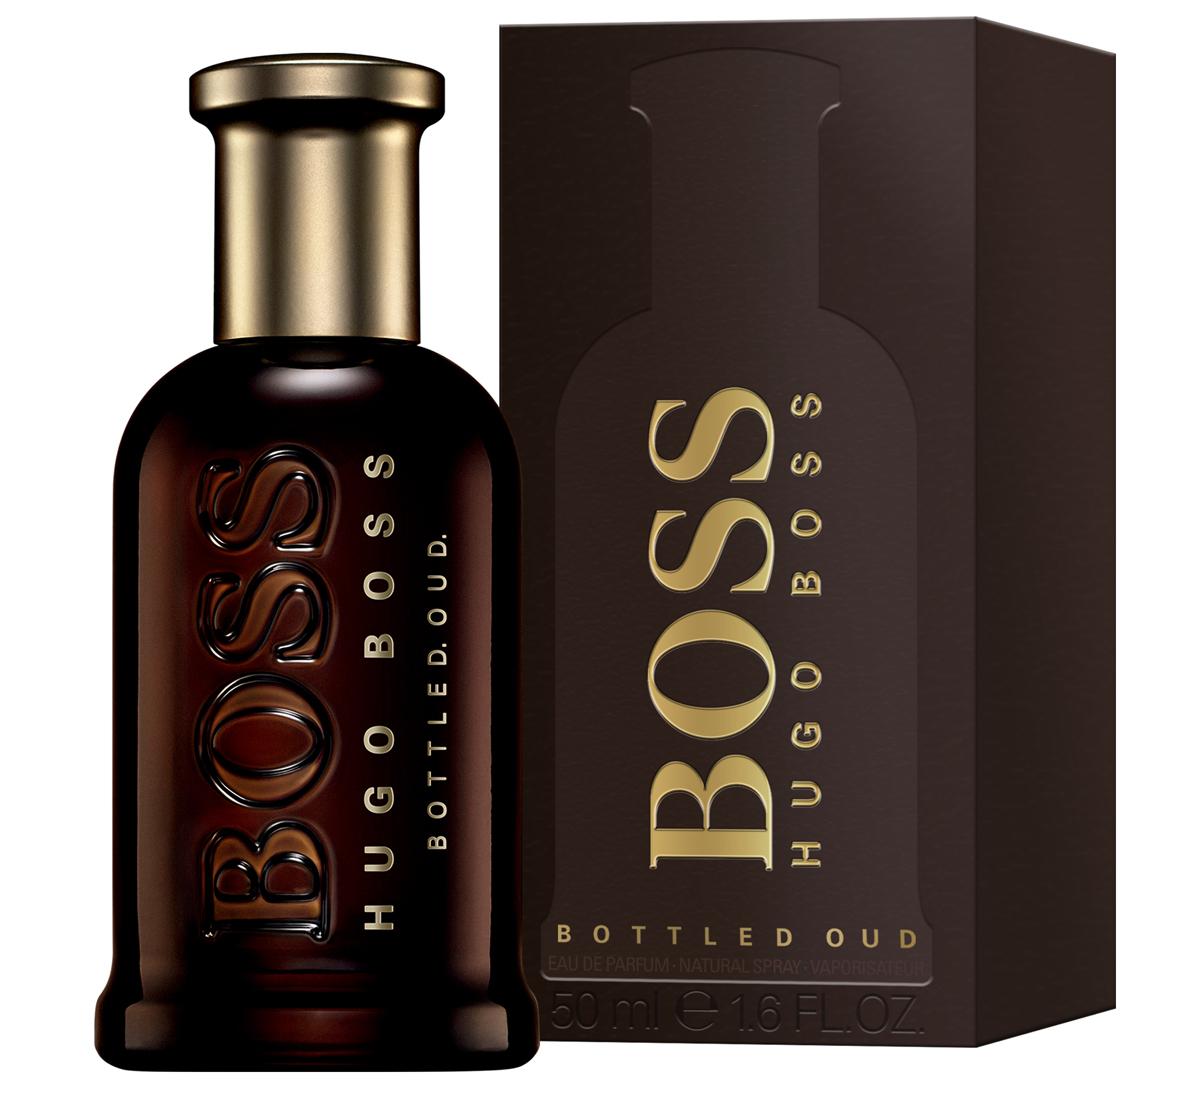 Hugo Boss Bottled Oud Парфюмерная вода мужская 50 мл0737052933221Boss Bottled Oud – глубокий, густой, обволакивающий и мистический по своему звучанию мужской восточно-древесный парфюм с бархатистыми пряными акцентами, выпущенный в 2015 году немецким модным брендом Hugo Boss. Аромат является своеобразным подарком всем любителем аромата уда. Считающийся священным на Востоке, уд последнее время начал свое победное шествие и в западной парфюмерии. Однако очень густой, дымно-сладкий аромат, столь популярный на Востоке непривычен для европейцев. Поэтому парфюмерам приходится облегчать его с помощью других ароматических ингредиентов, заставляя звучать более легко и непринужденно, как это принято в европейских парфюмерных традициях. Таким вот ароматом, стоящим одновременно на восточных и европейских традициях, и стал новый парфюм от Хьюго Босс. В нем сладковато-дымный, пряный уд буквально растворяется в бархатистых нотах корицы и горьковато-пряном шафране, будучи дополненным тонким древесно-сливочным аромата светлой древесины.Верхняя нота: Цитрусовый аккорд, Яблоко.Средняя нота: Шафран, Гвоздика, Нота ладанника.Шлейф: Уд, Сандаловое дерево, Сыть.Яблоко, шафран - ИСТИННАЯ МУЖЕСТВЕННОСТЬ С НАЛЕТОМ РОСКОШИ.Дневной и вечерний аромат.Краткий гид по парфюмерии: виды, ноты, ароматы, советы по выбору. Статья OZON Гид